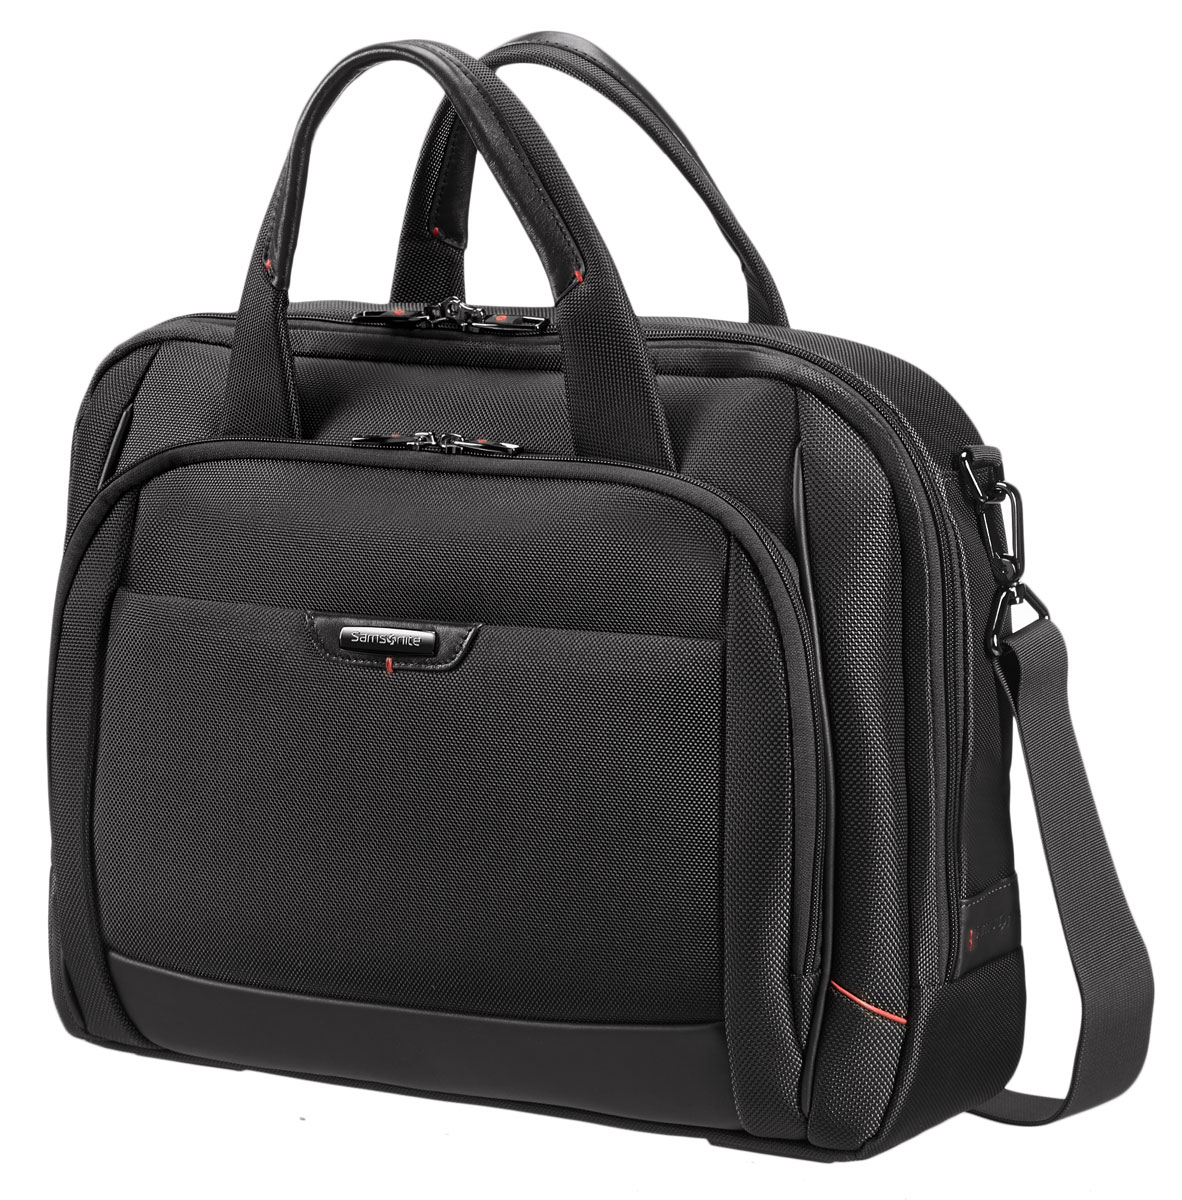 Сумка для ноутбука Samsonite, цвет: черный, 44 х 33 х 15 см сумка для документов samsonite